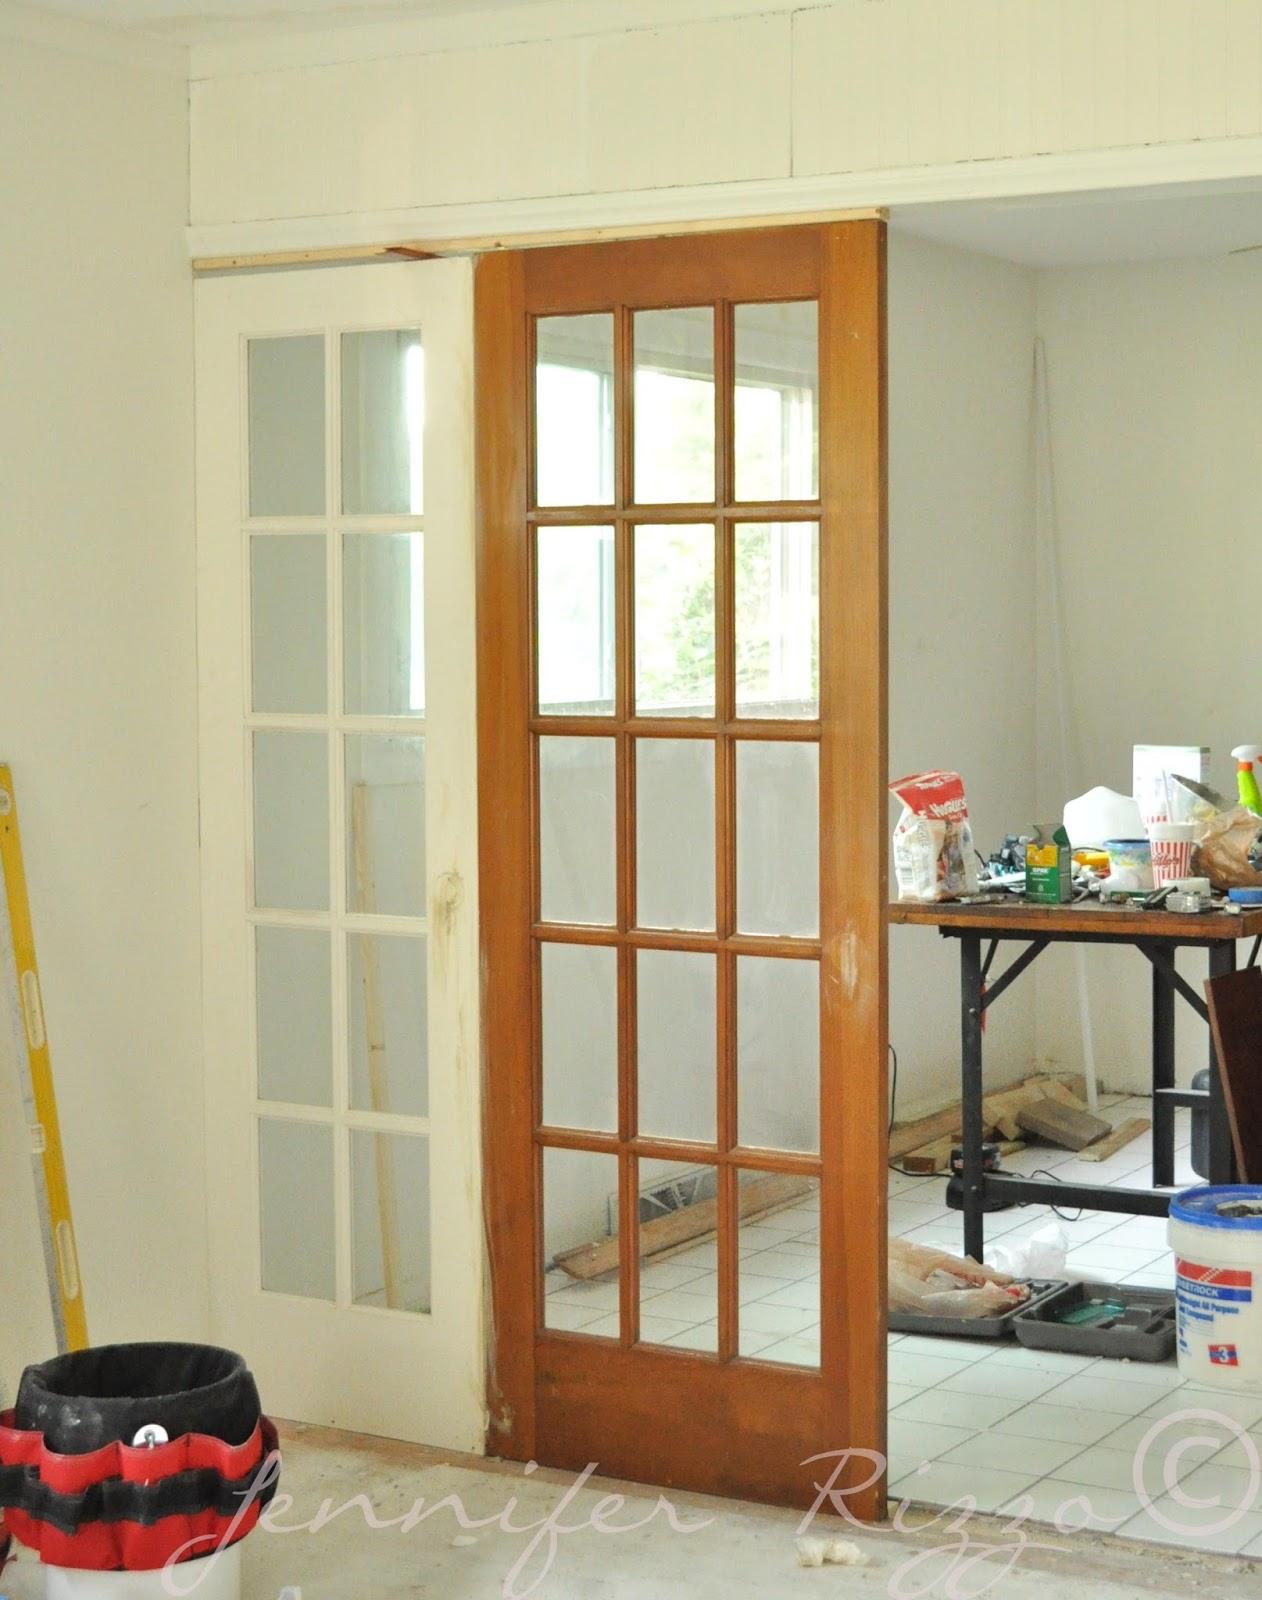 Room Door Exceptional Door For Room Room Doors Images: The Oak House Project Recap...Post By Post